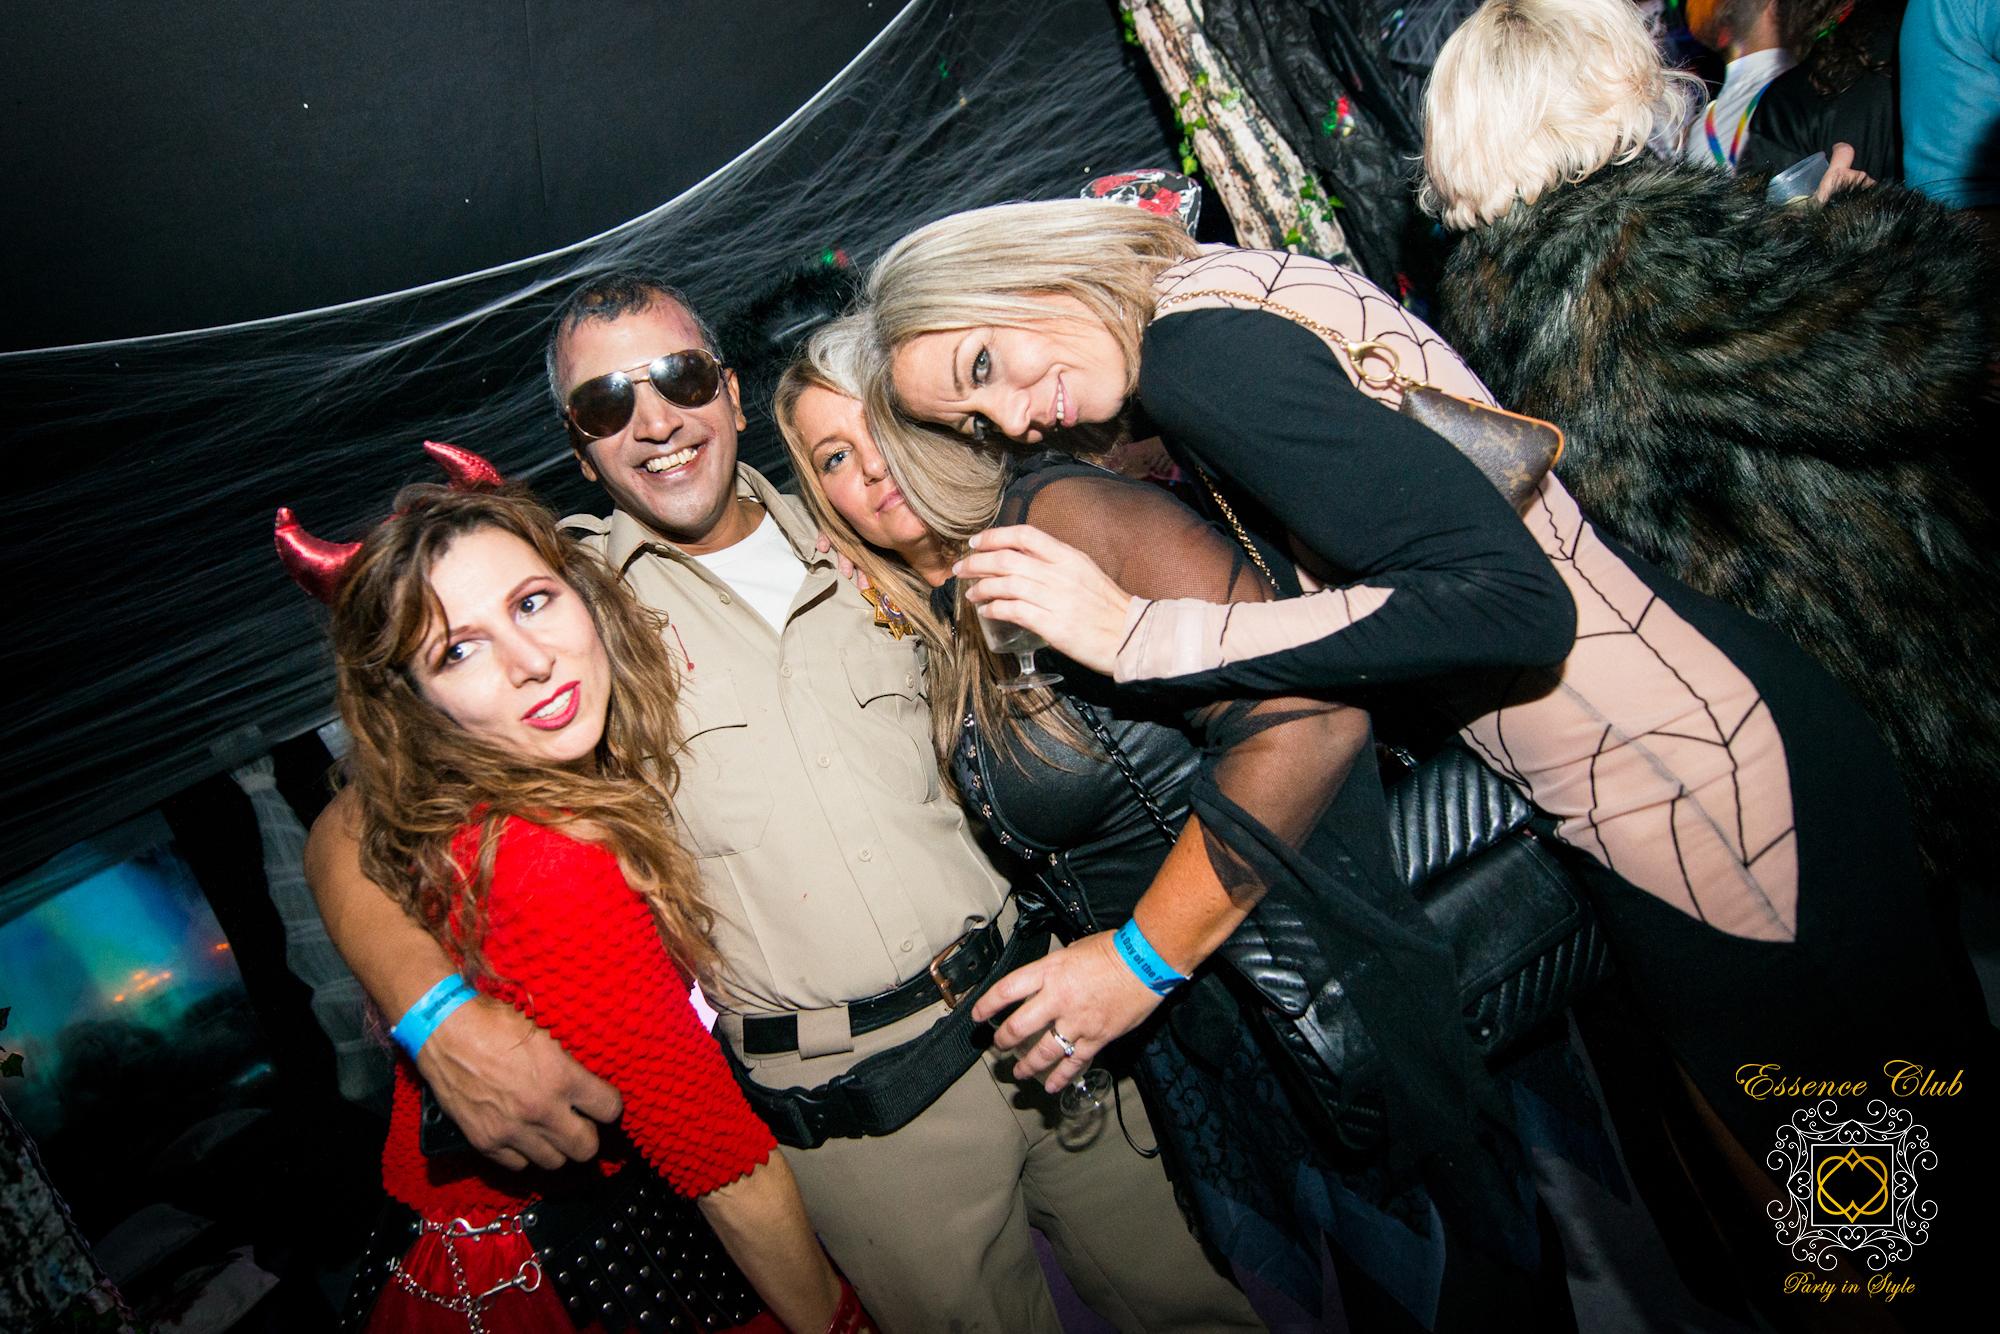 Essence Club Party Fun